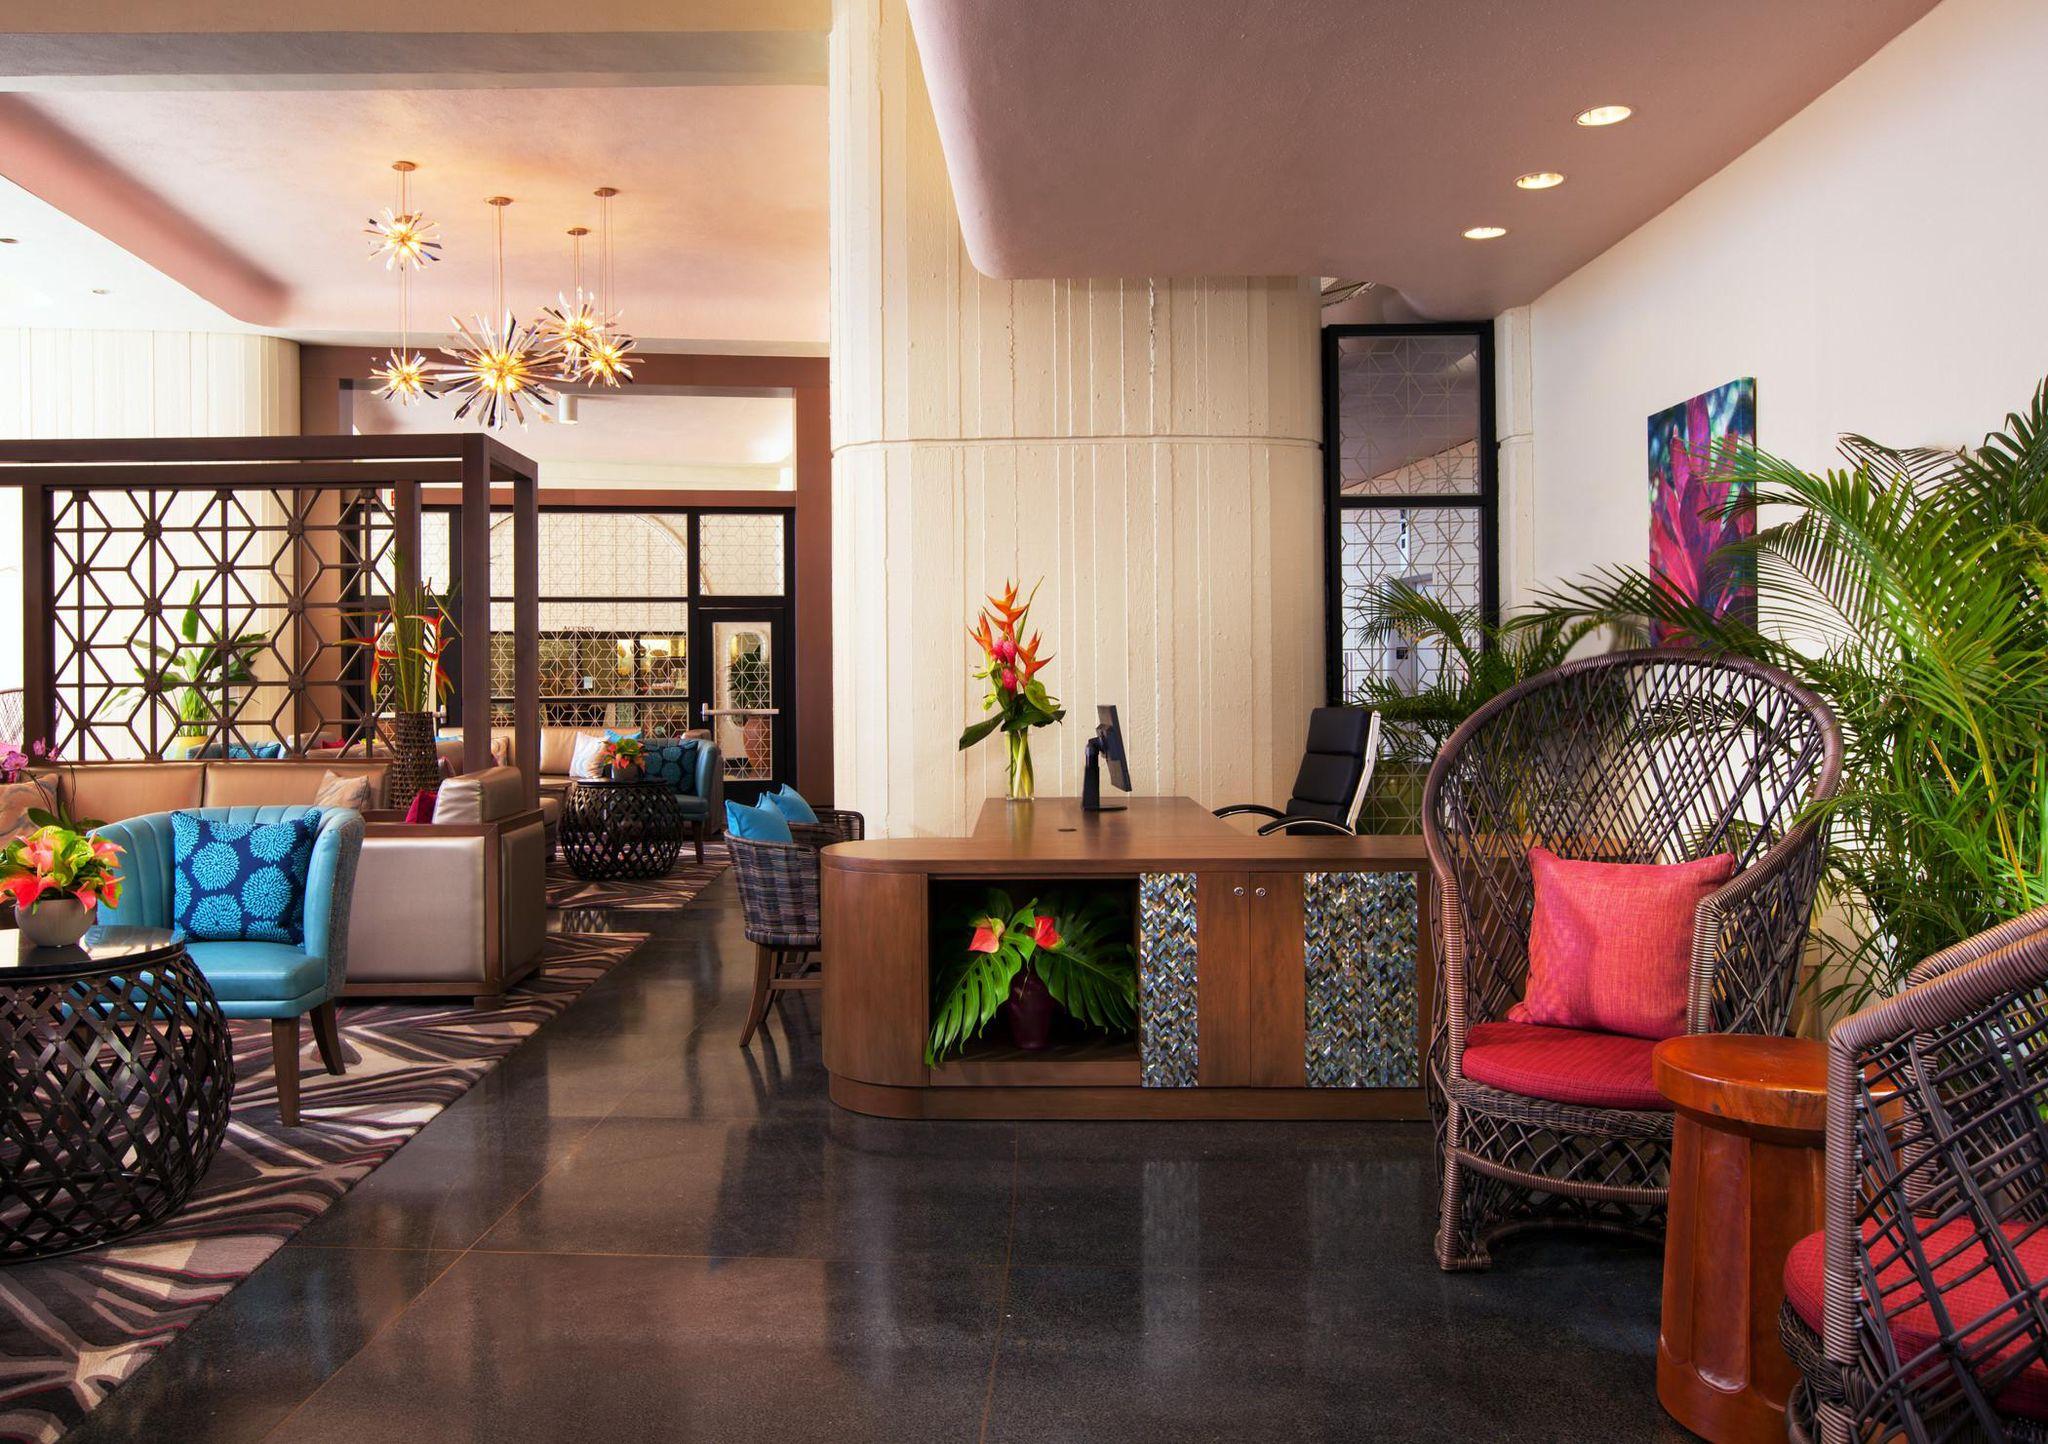 The royal hawaiian in honolulu oahu hawaii for Design hotel hawaii